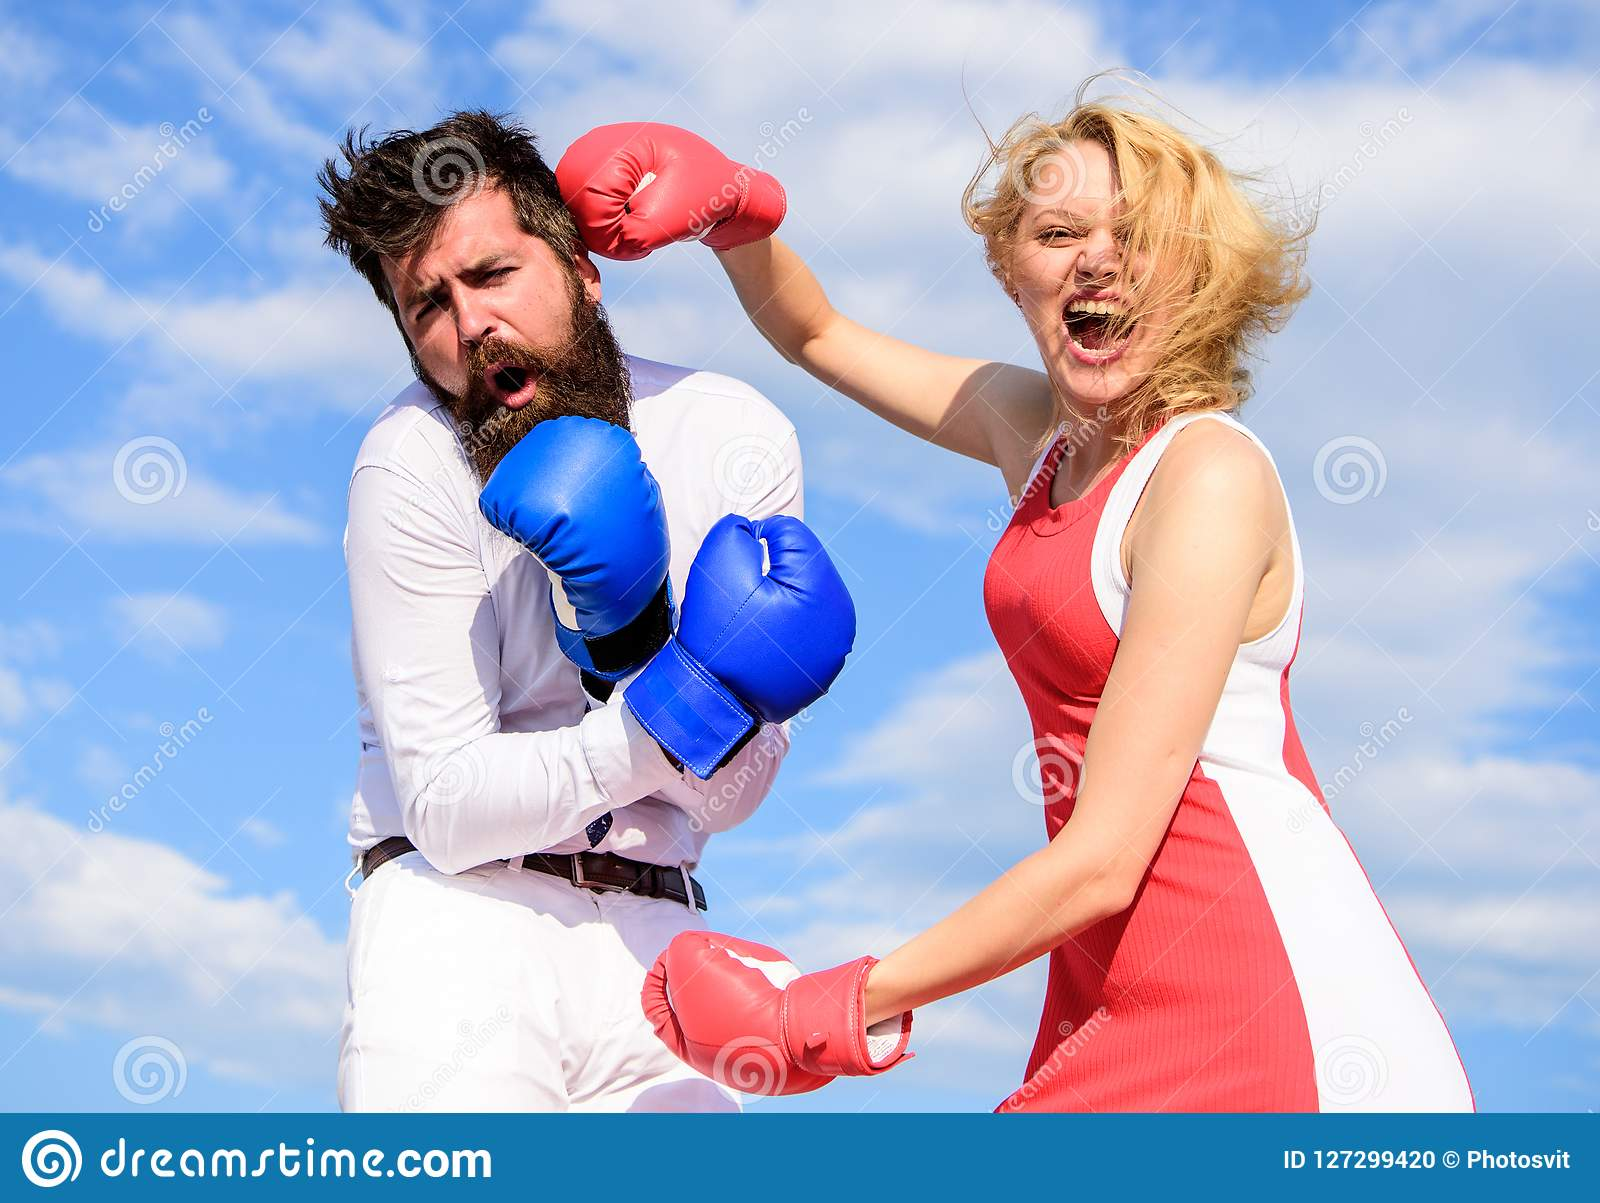 Η επίθεση είναι καλύτερη υπεράσπιση Ερωτευμένη πάλη ζεύγους Υπερασπίστε την άποψή σας στην αντιμετώπιση Θηλυκή επίθεση Οικογένεια